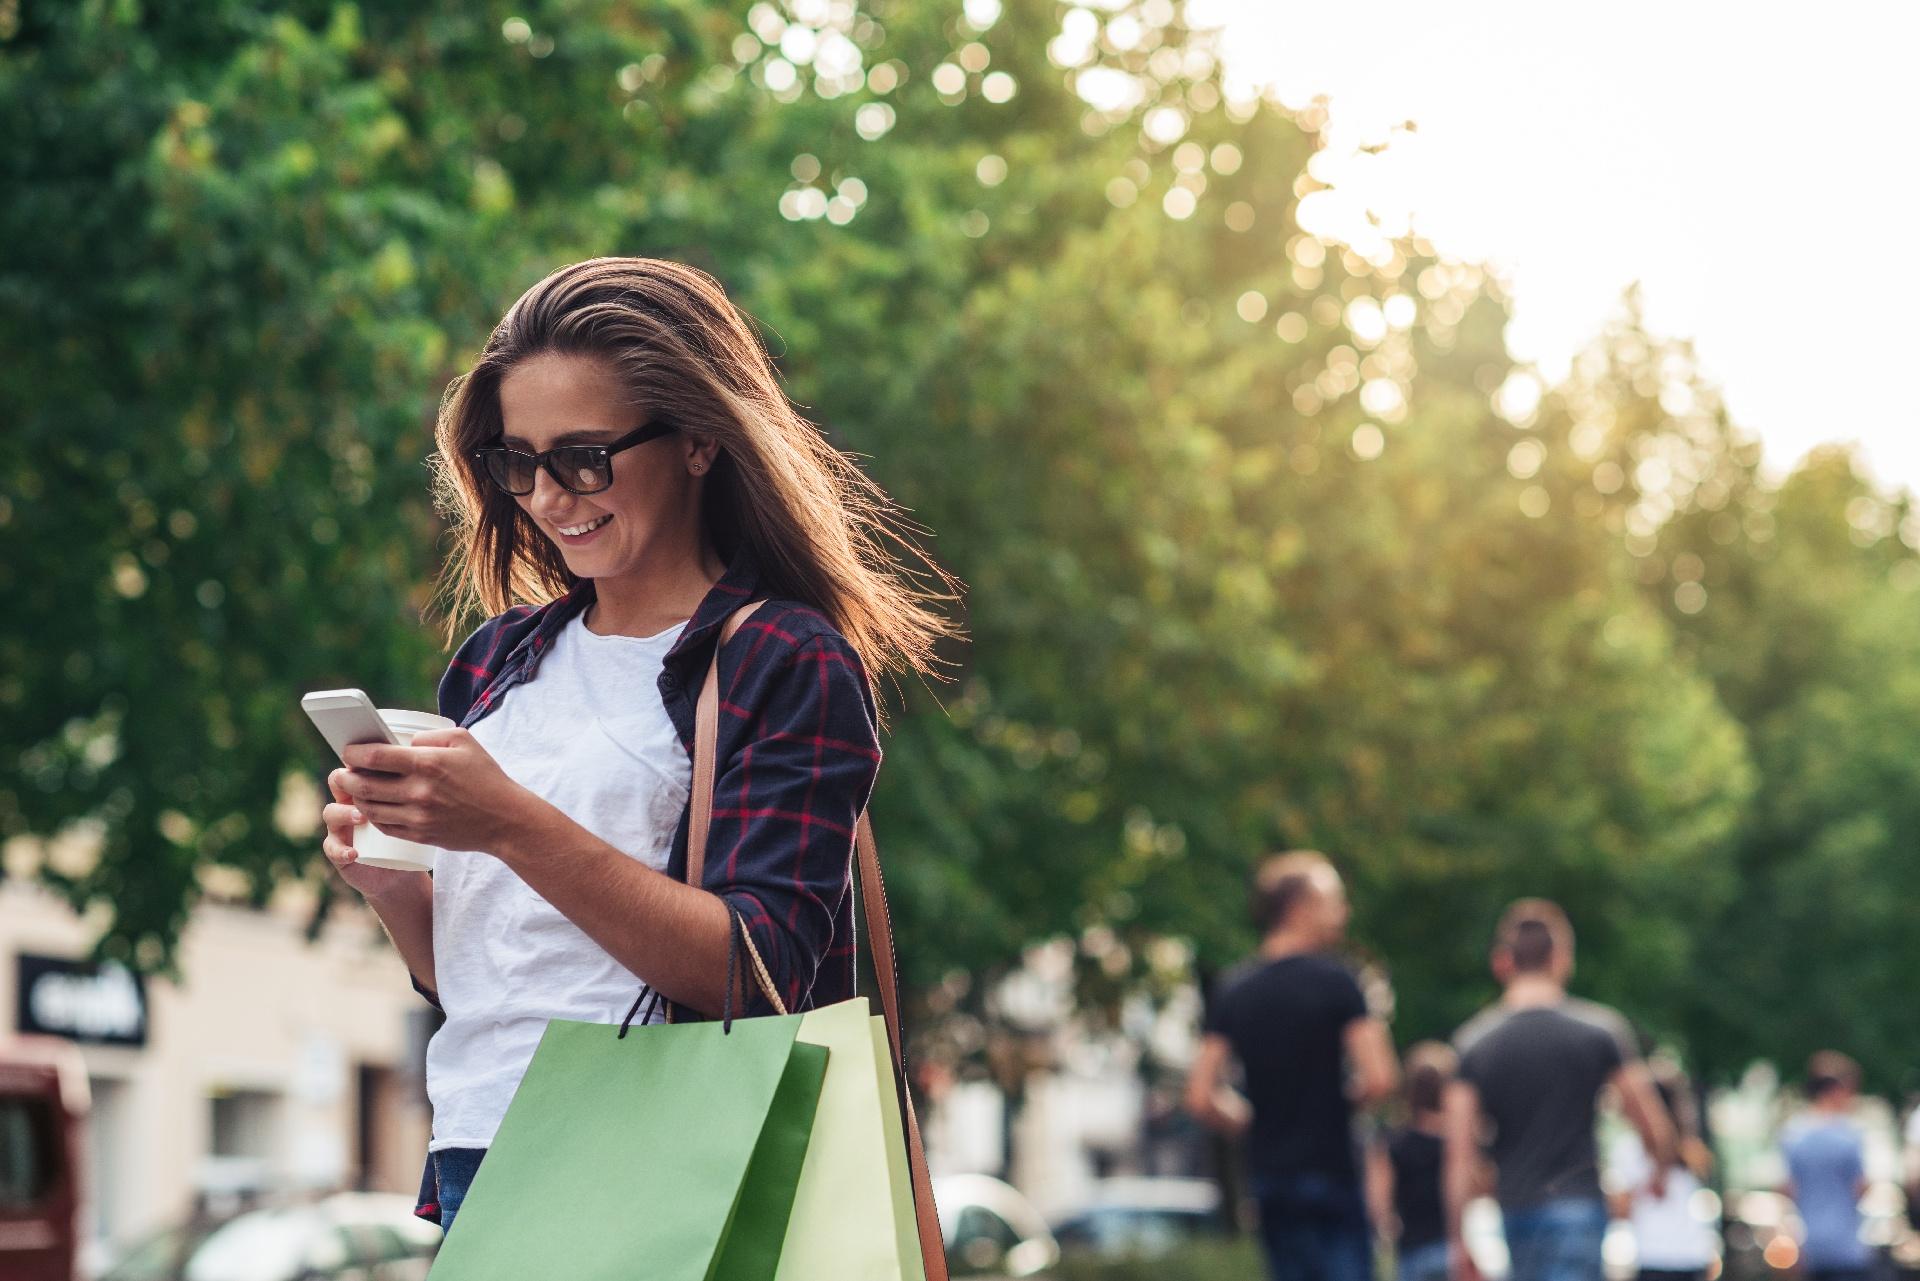 Green Consumer - Understanding today's green shopper dilemma